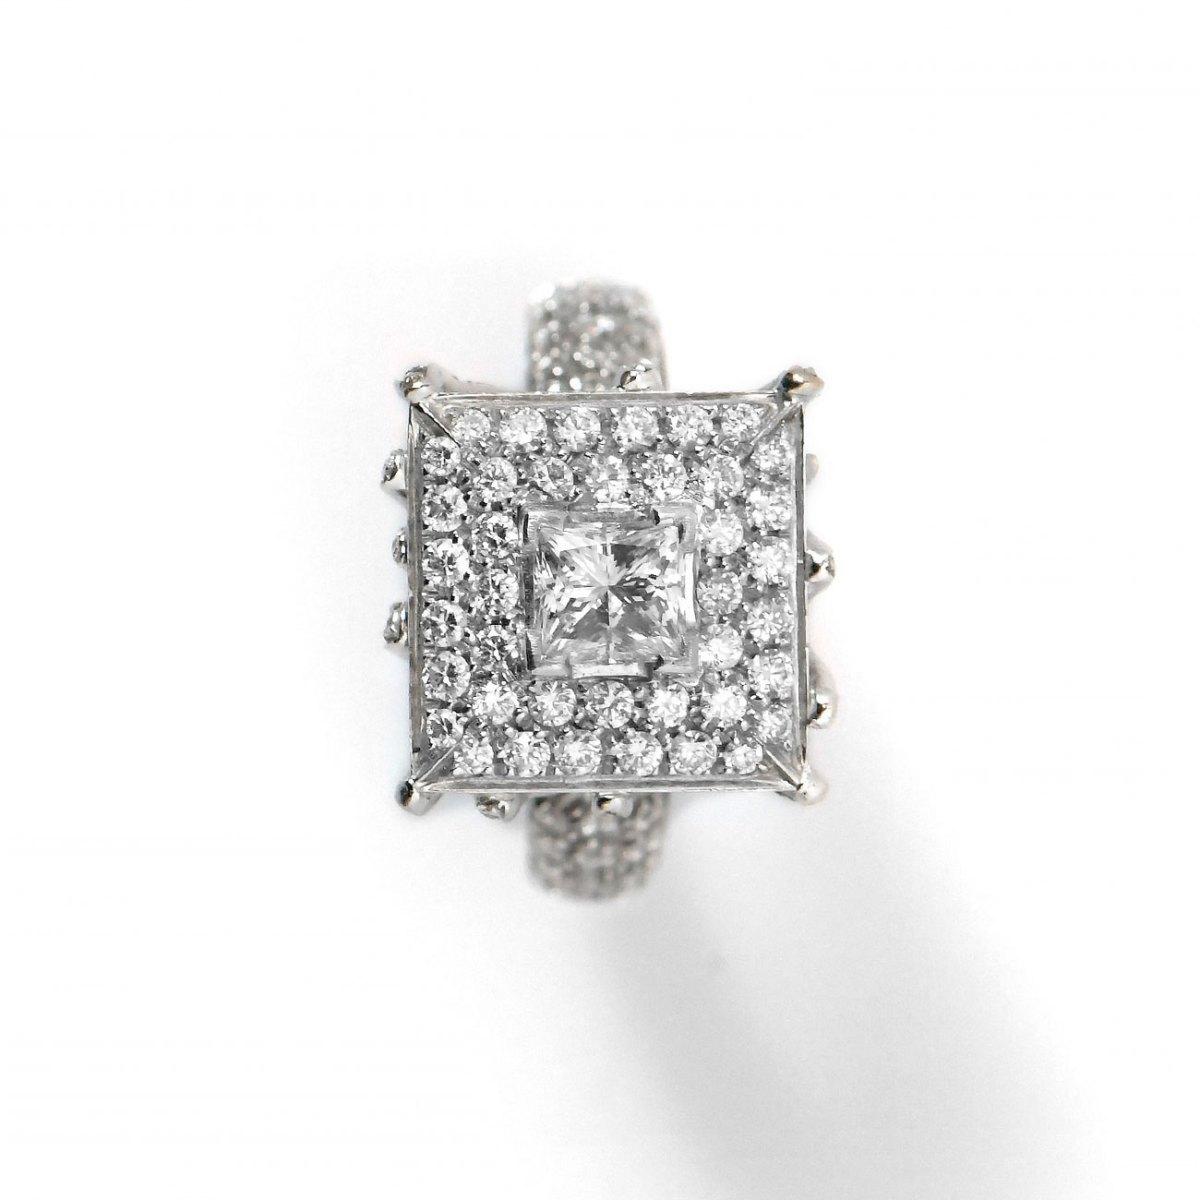 Bague Diamant, Pavage Diamants et Or Blanc | Référence : BA-B18784 |EVENOR • Joaillerie, spécialiste en bijoux Vintage et bijoux d'occasion